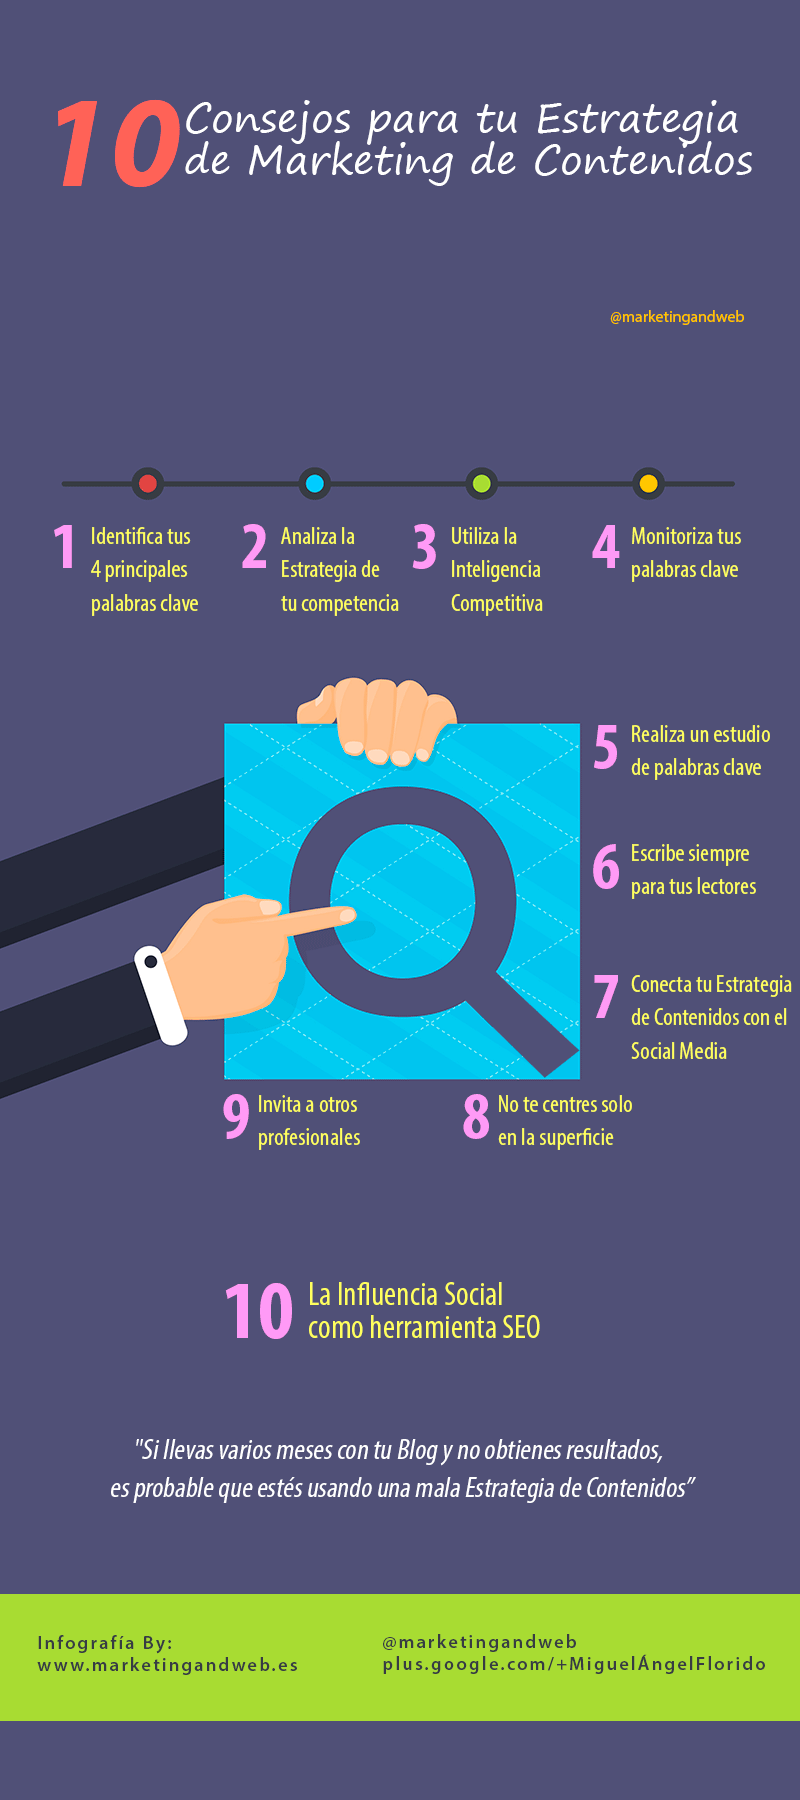 infografía con 10 consejos para tu estrategia de marketing de contenidos